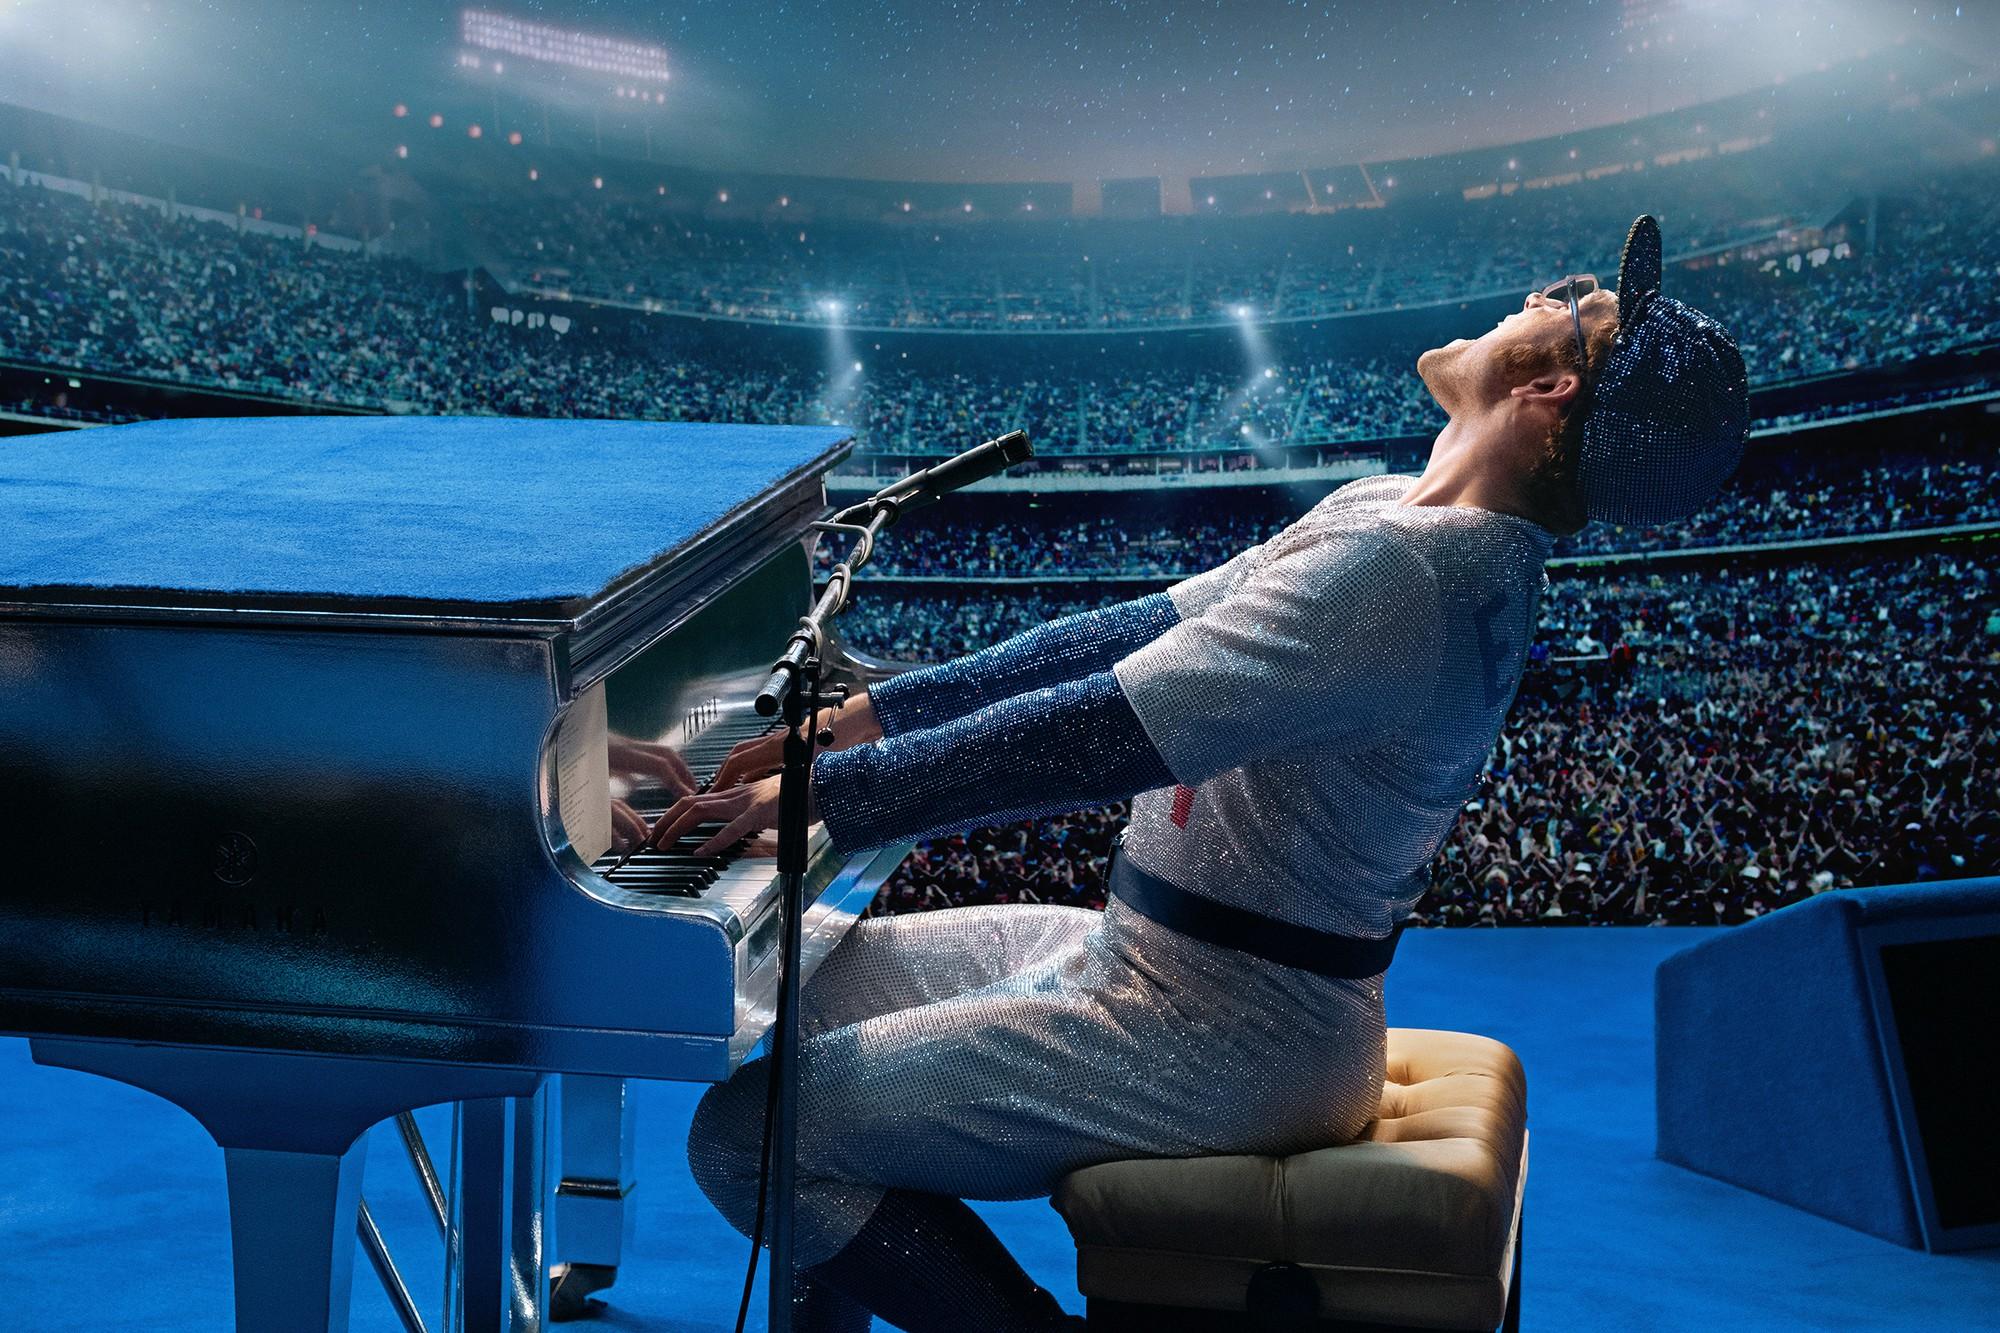 Ngoài chuyện váy áo xum xuê trên thảm đỏ, Cannes năm nay còn có 6 phim rất đáng chú ý - Ảnh 4.